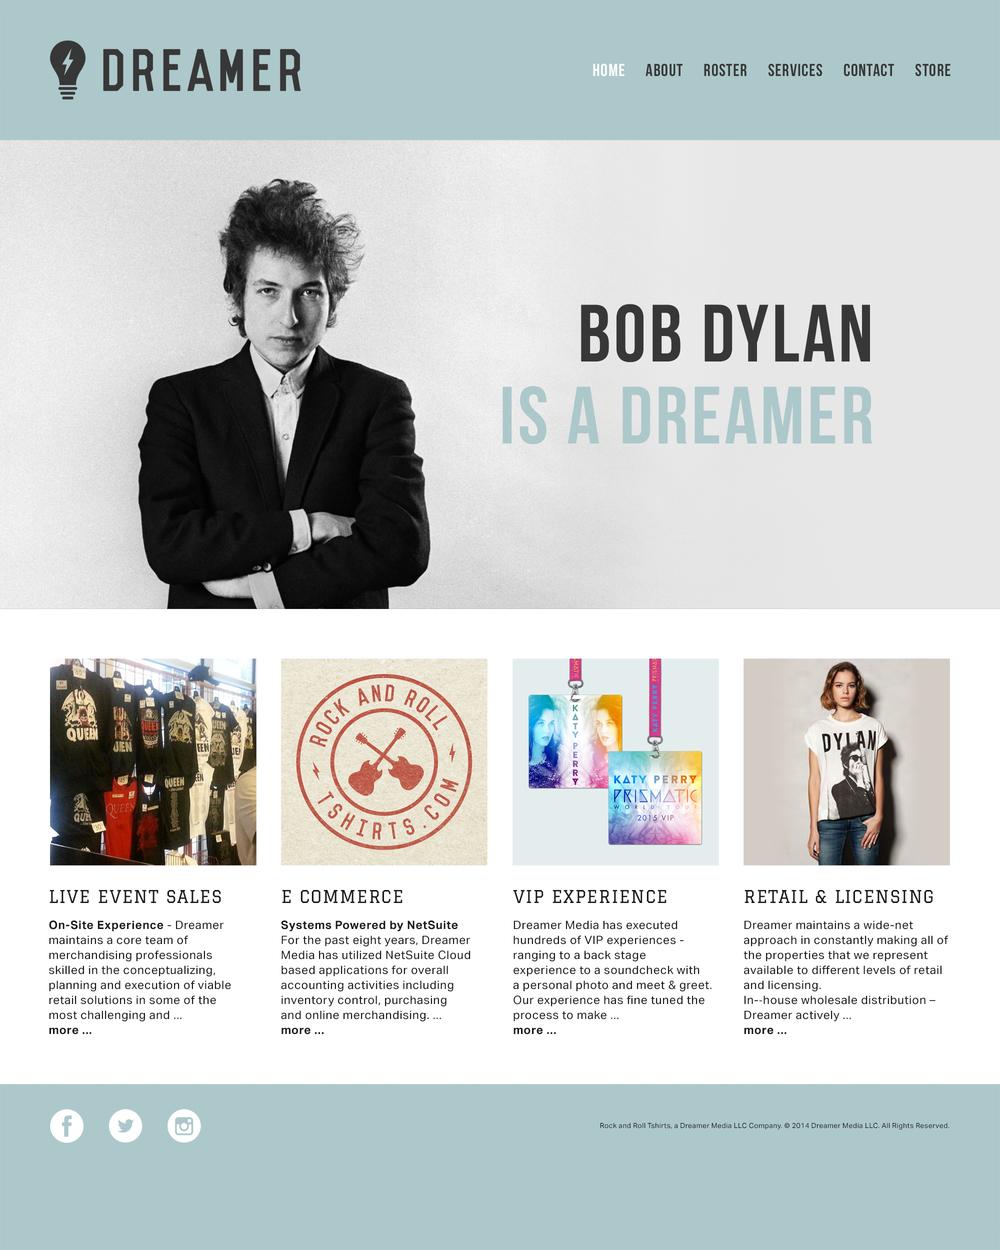 HEADER: BOB DYLAN